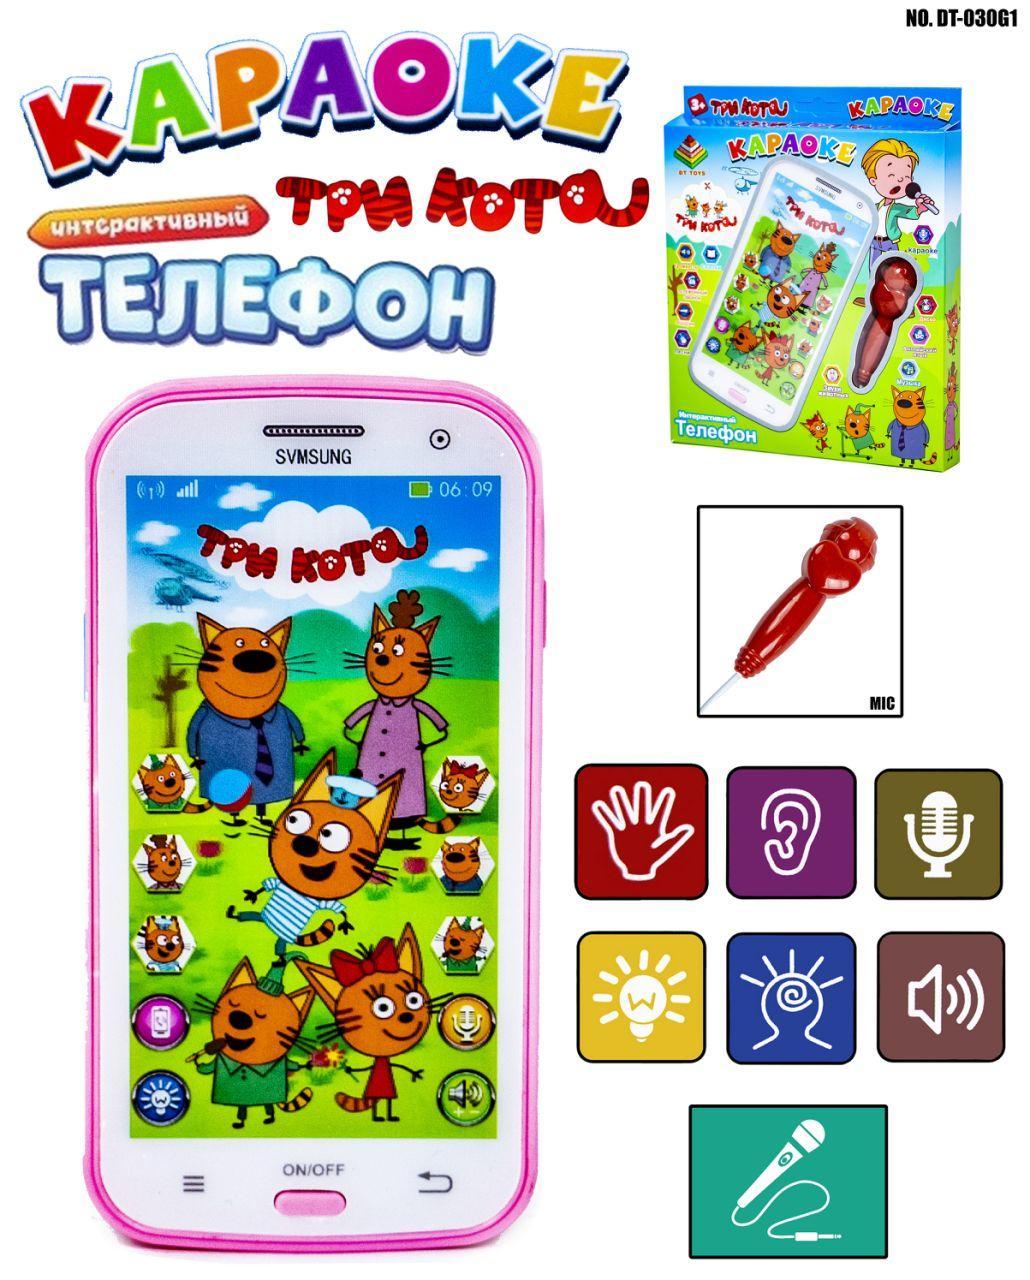 Игрушечный смартфон-караоке DT-030G1 (DT-030A12)